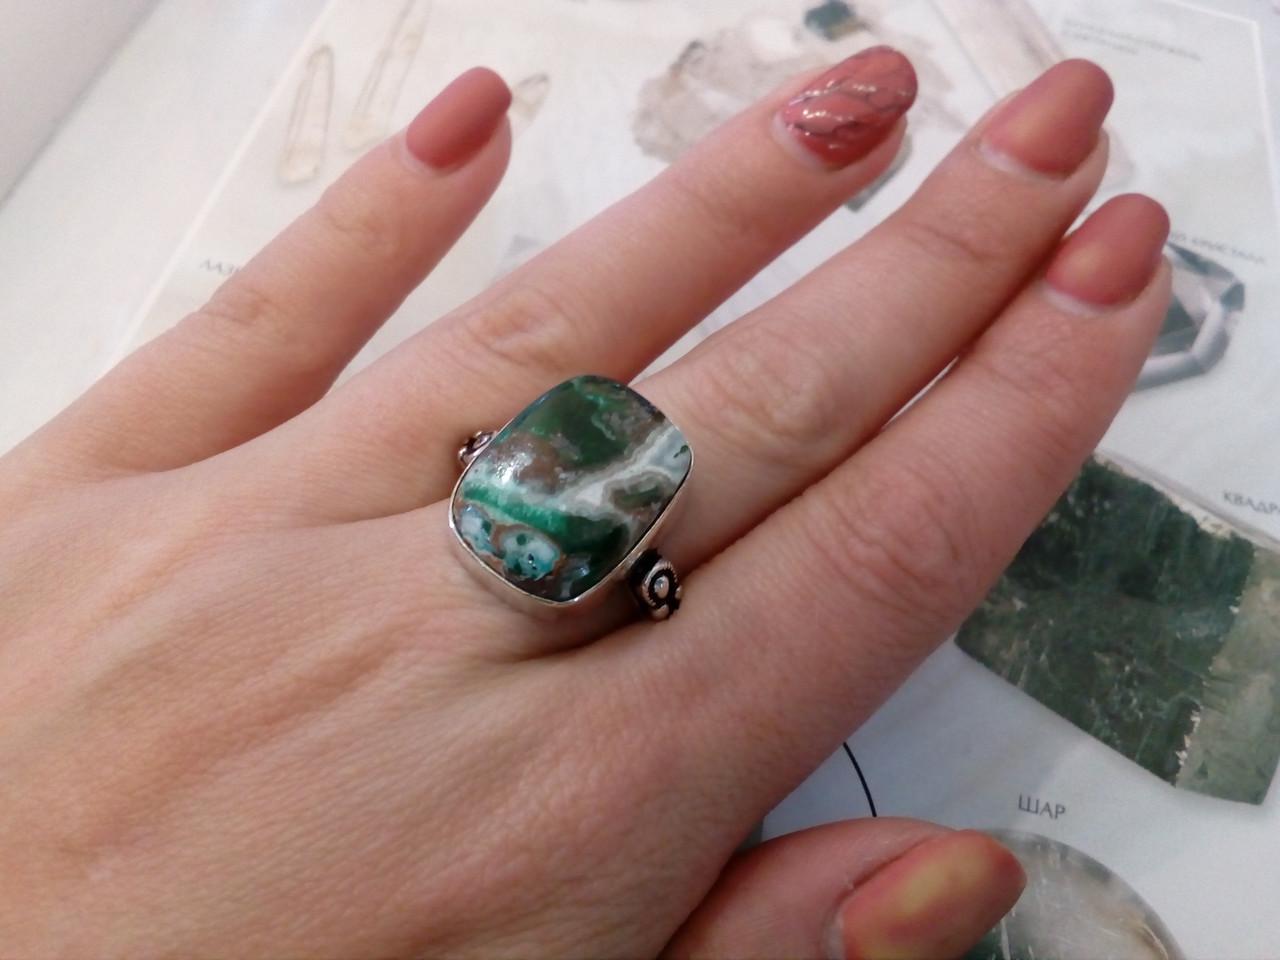 Красивое кольцо малахитовая хризоколла в серебре. Перстень с хризоколлой 19,5-19,7 размер Индия